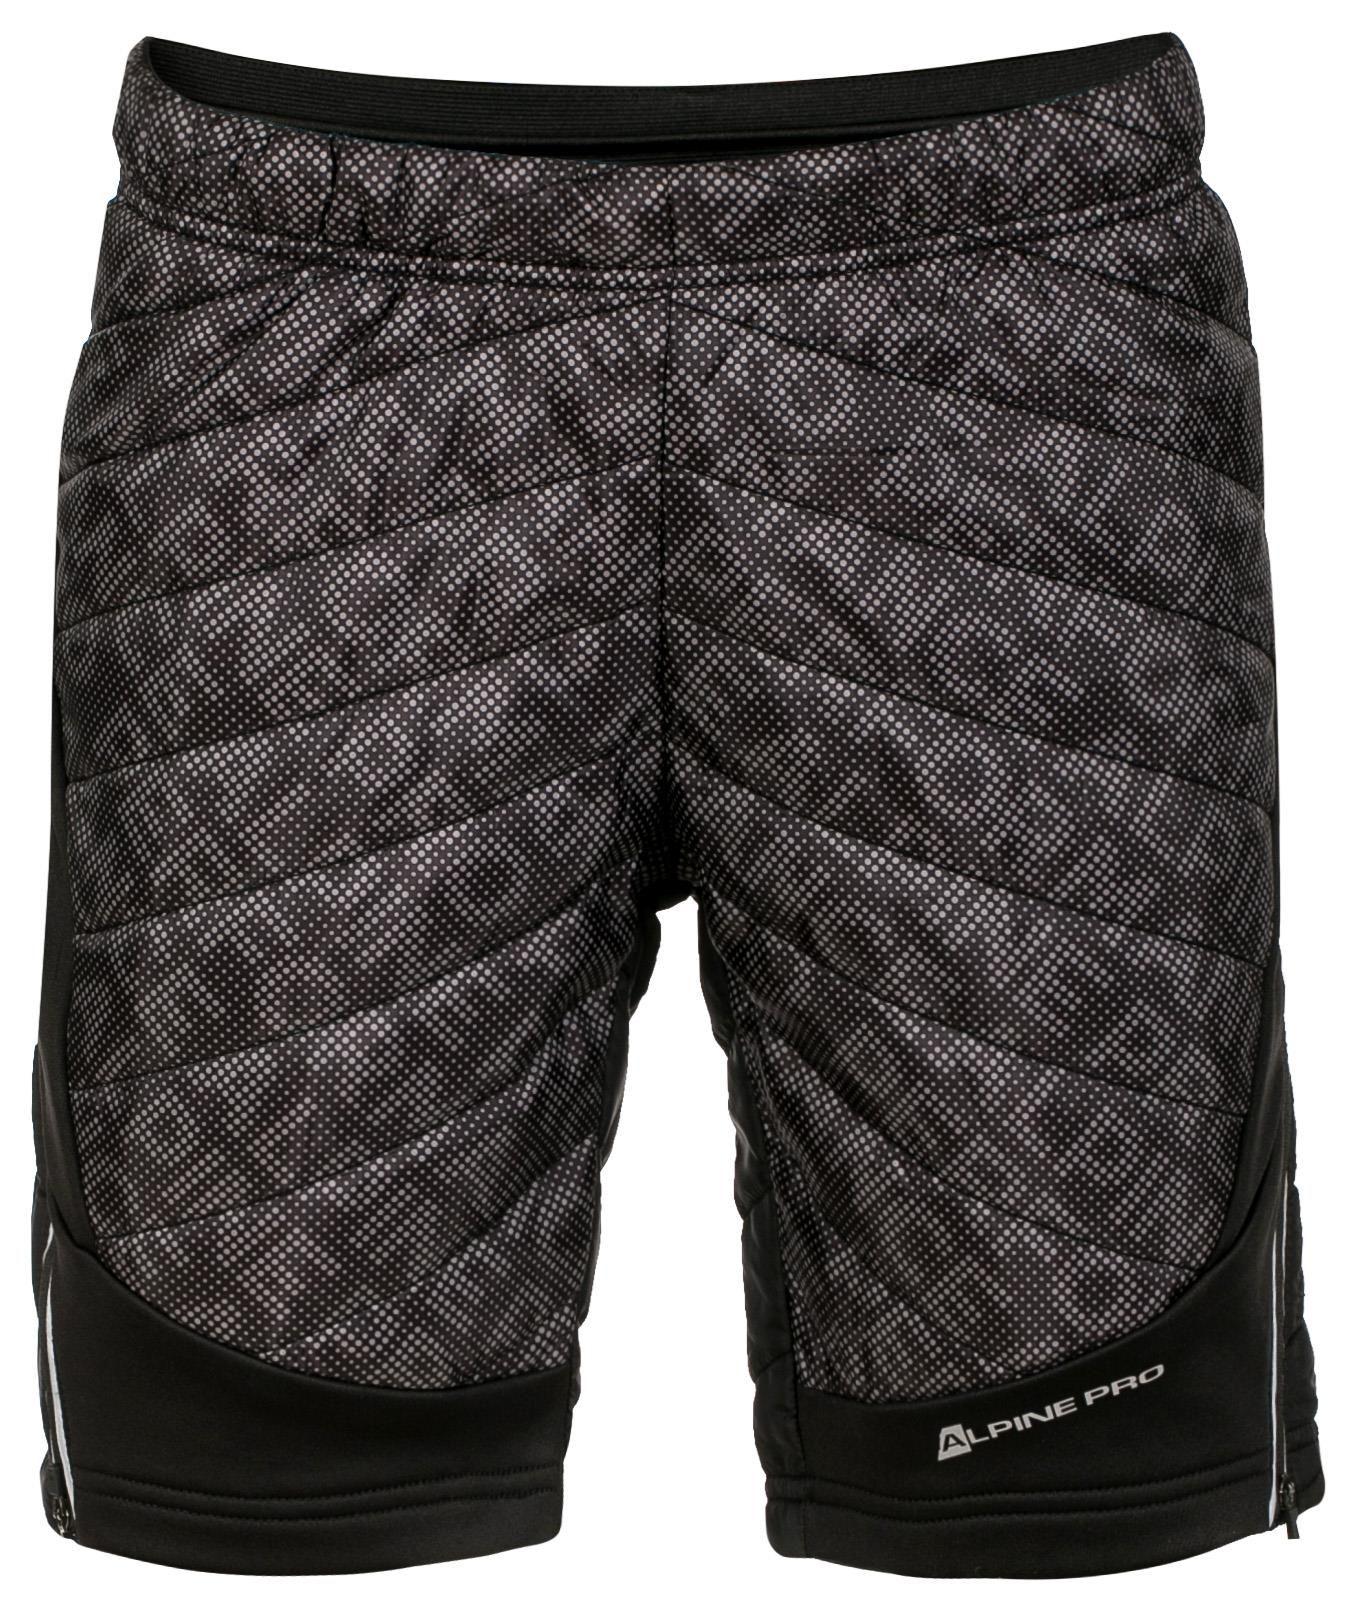 92f27259b0639 Dámske Nohavice HAKA - ALPINE PRO | Outdoorové oblečení, obuv a doplňky